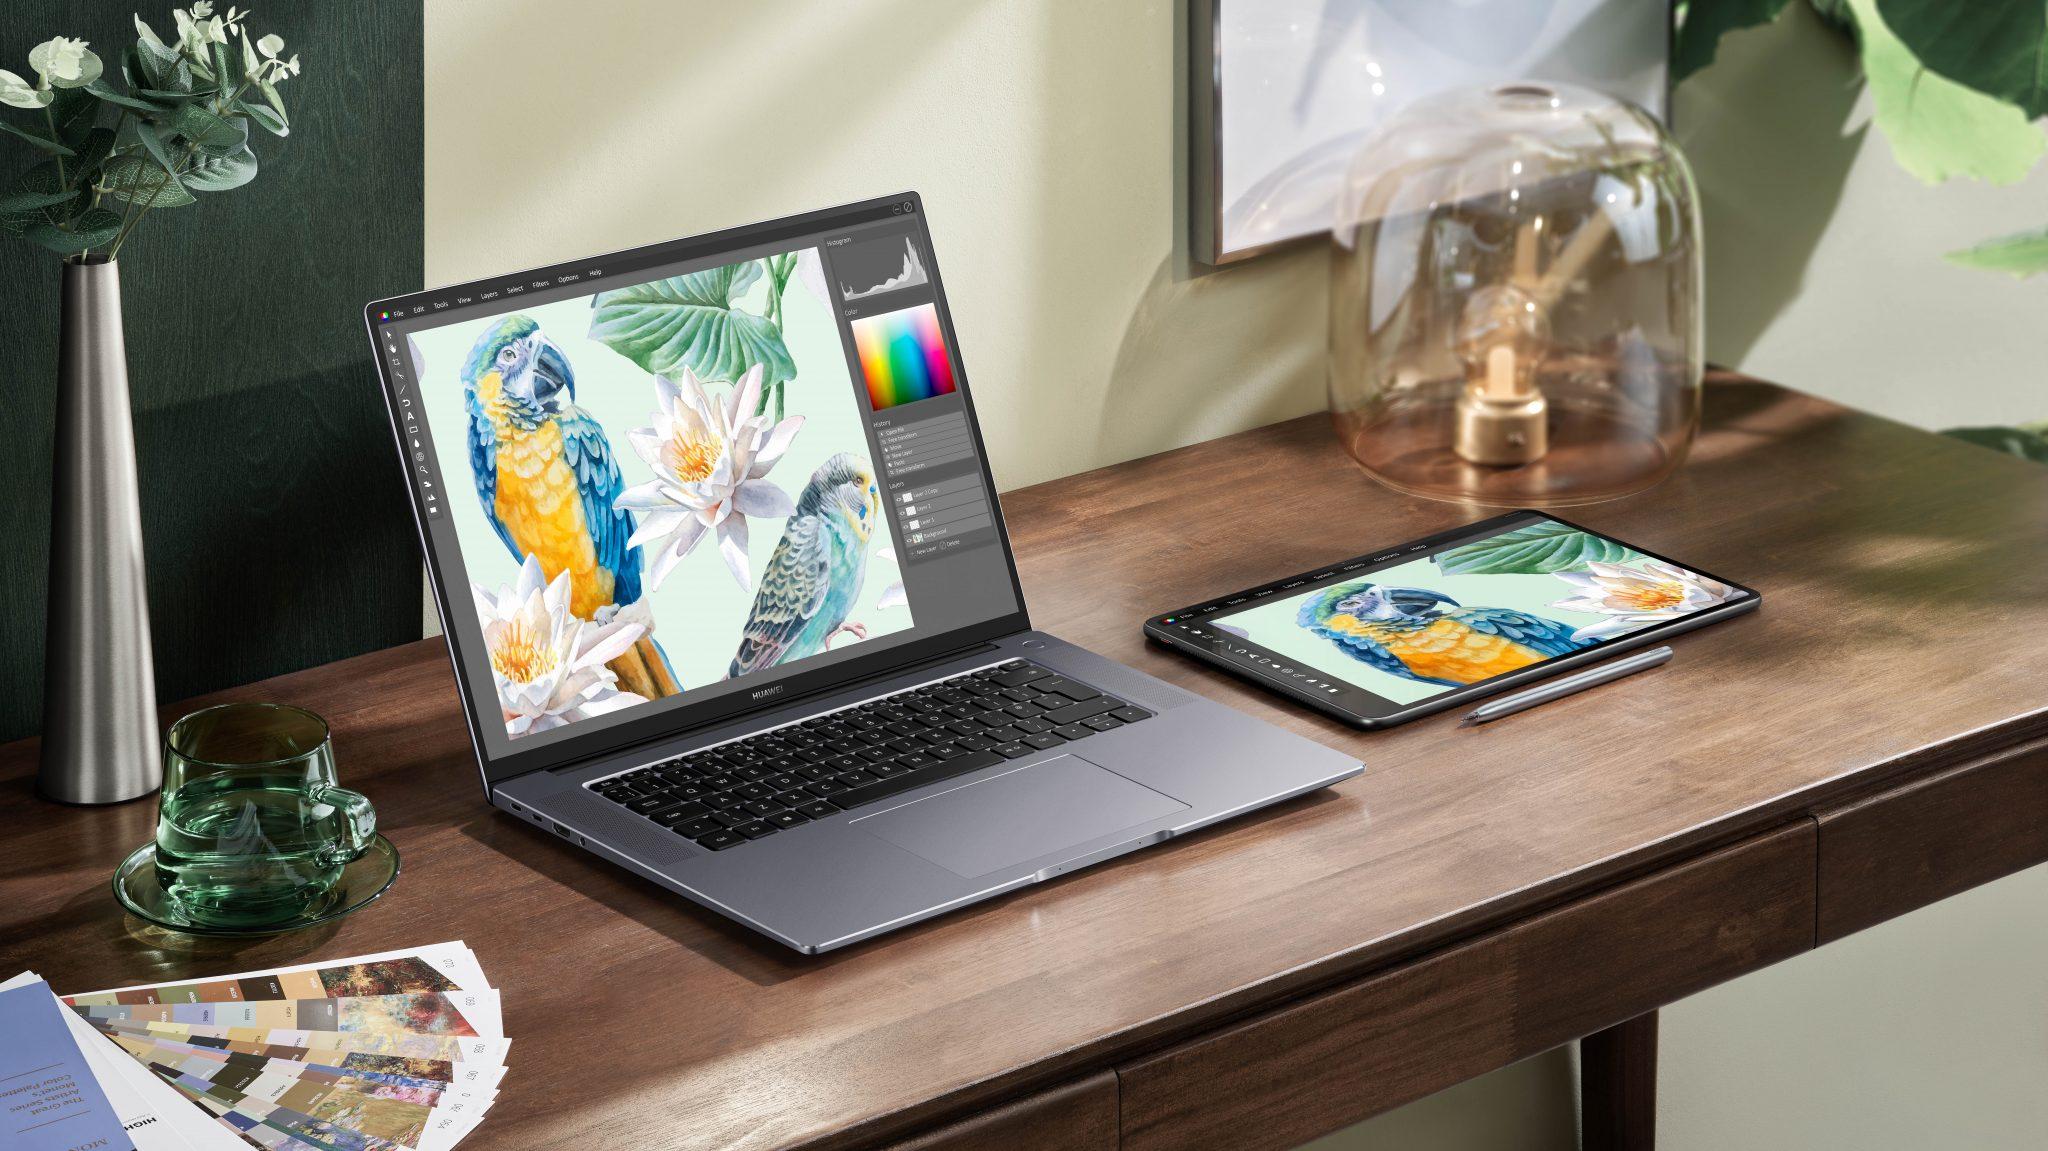 HUAWEI stellt neue Displays, Notebooks und Zubehör vor